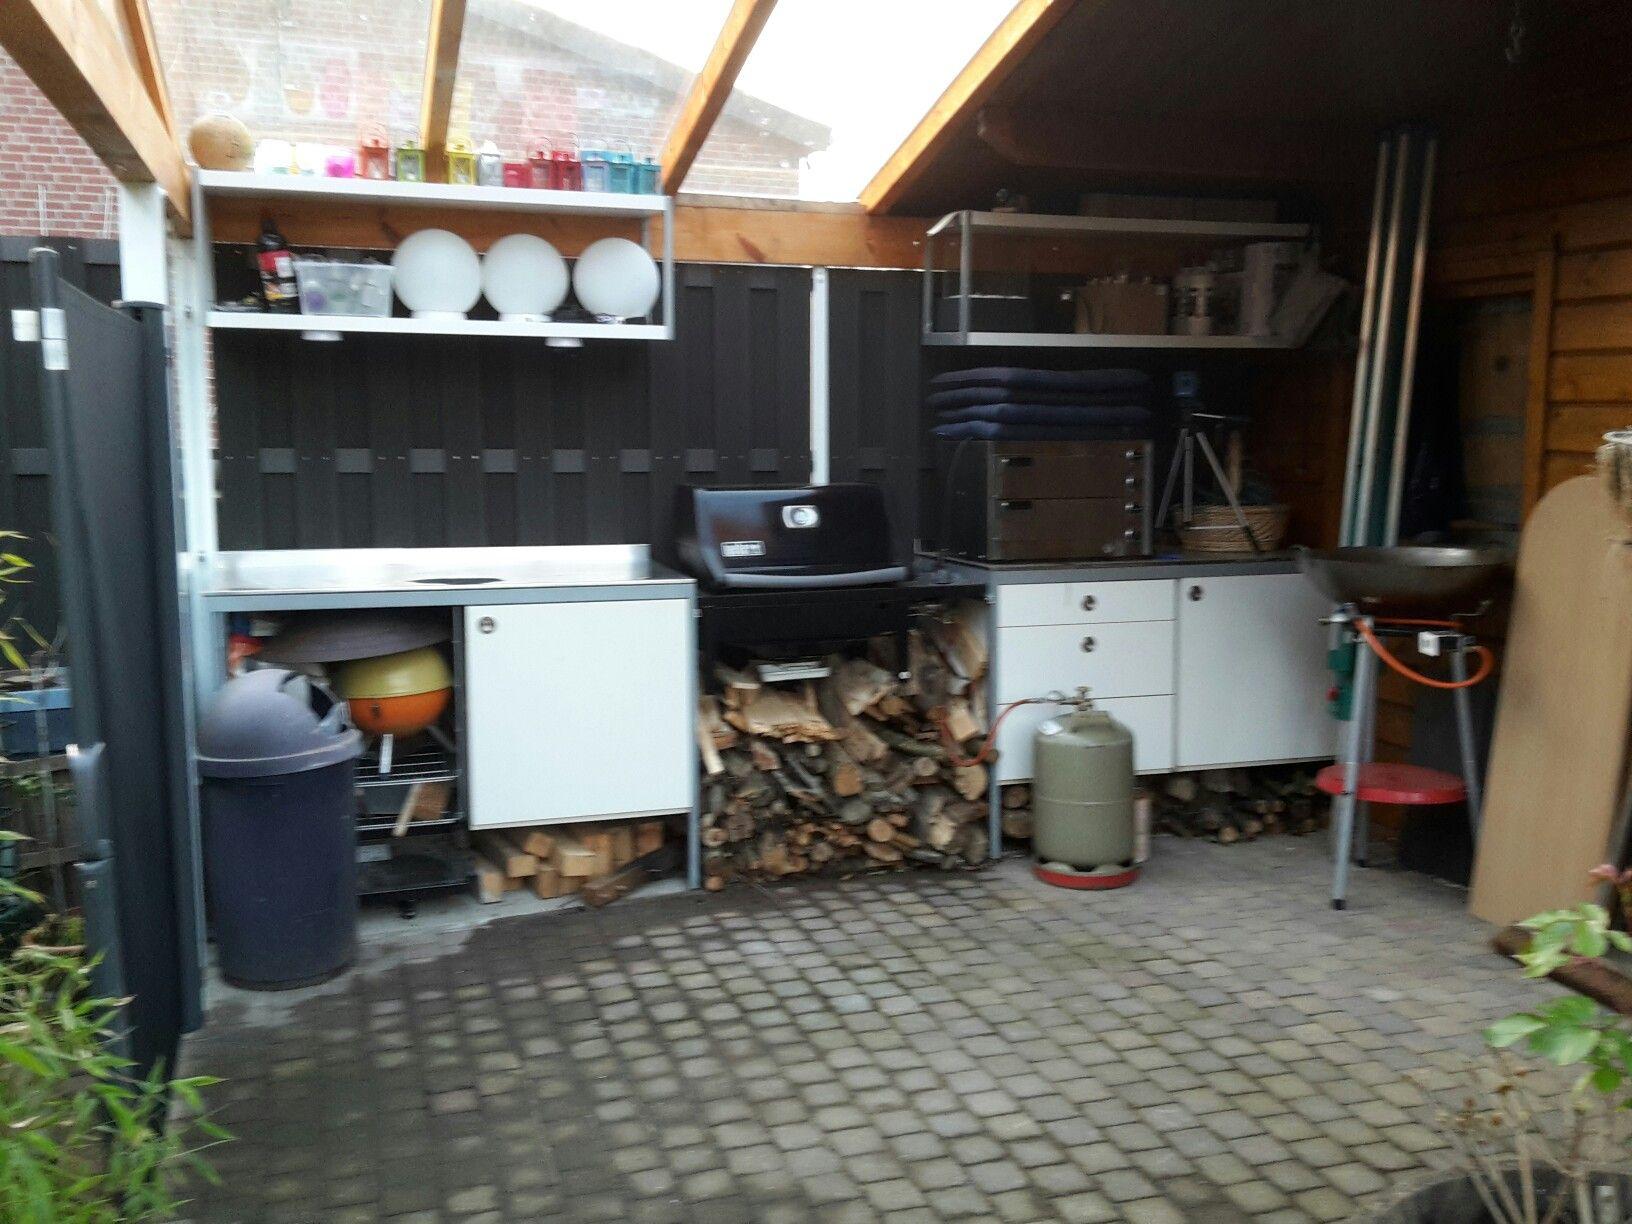 unsere outdoorküche mit udden küchenelementen von ikea. | outdoor